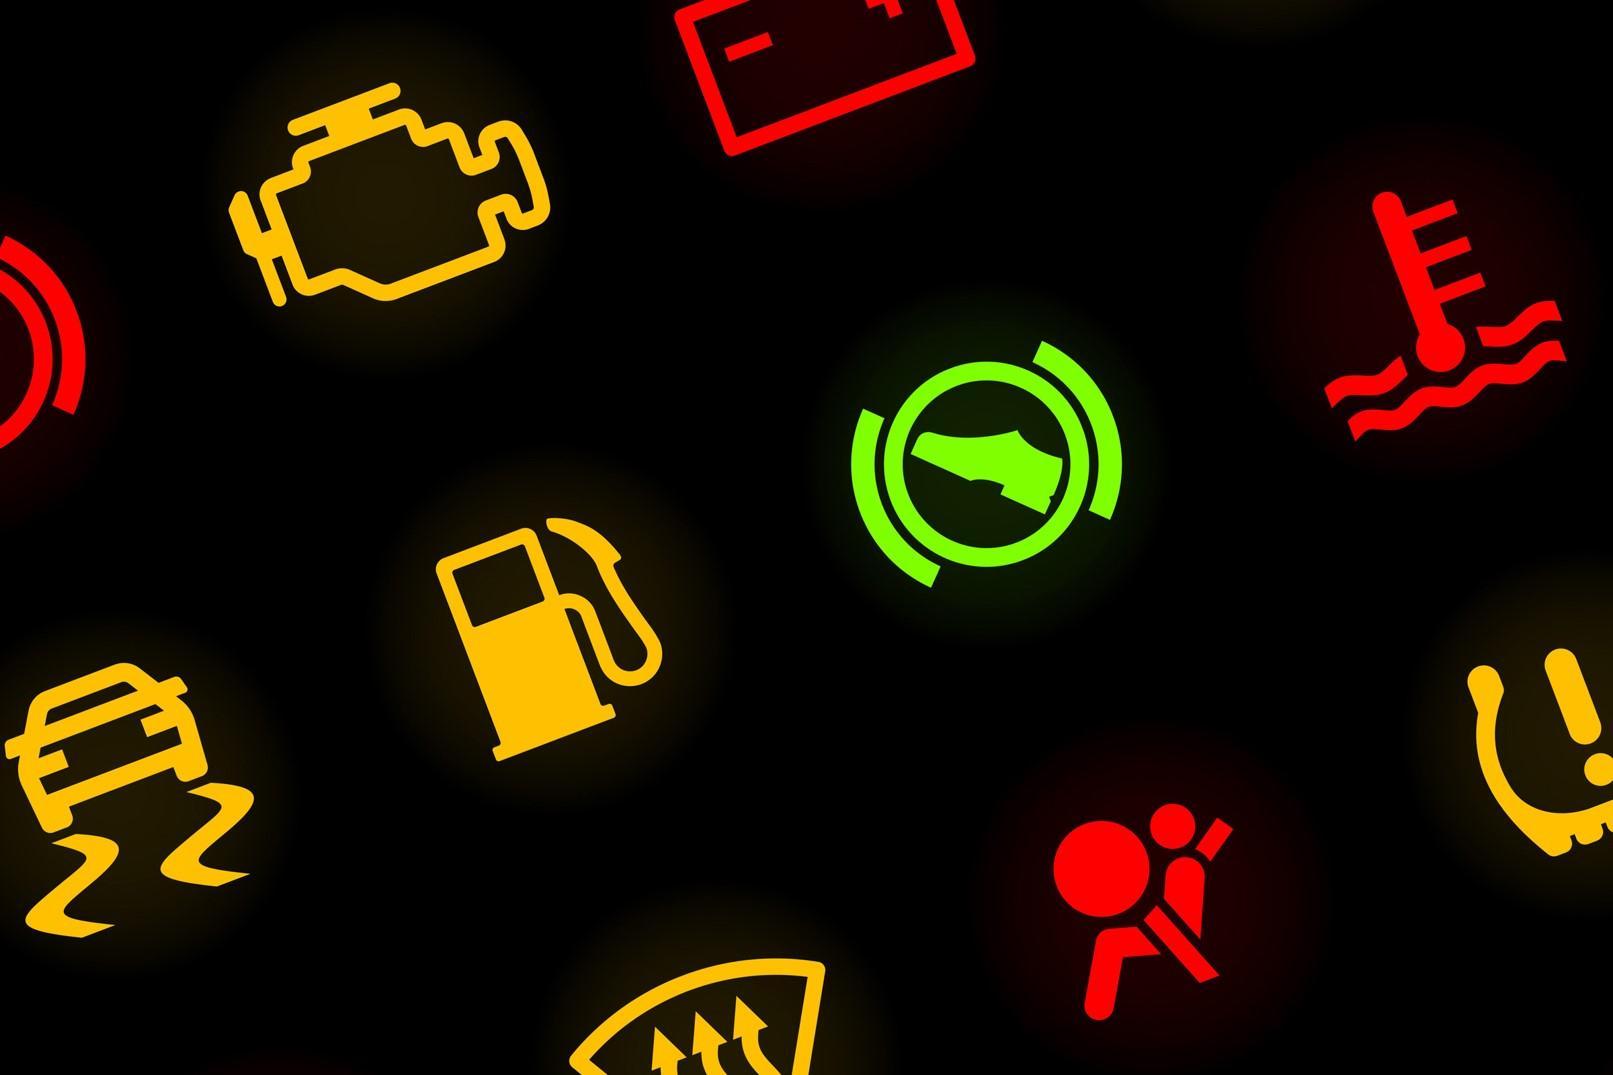 Conheça o significado das luzes do painel do carro